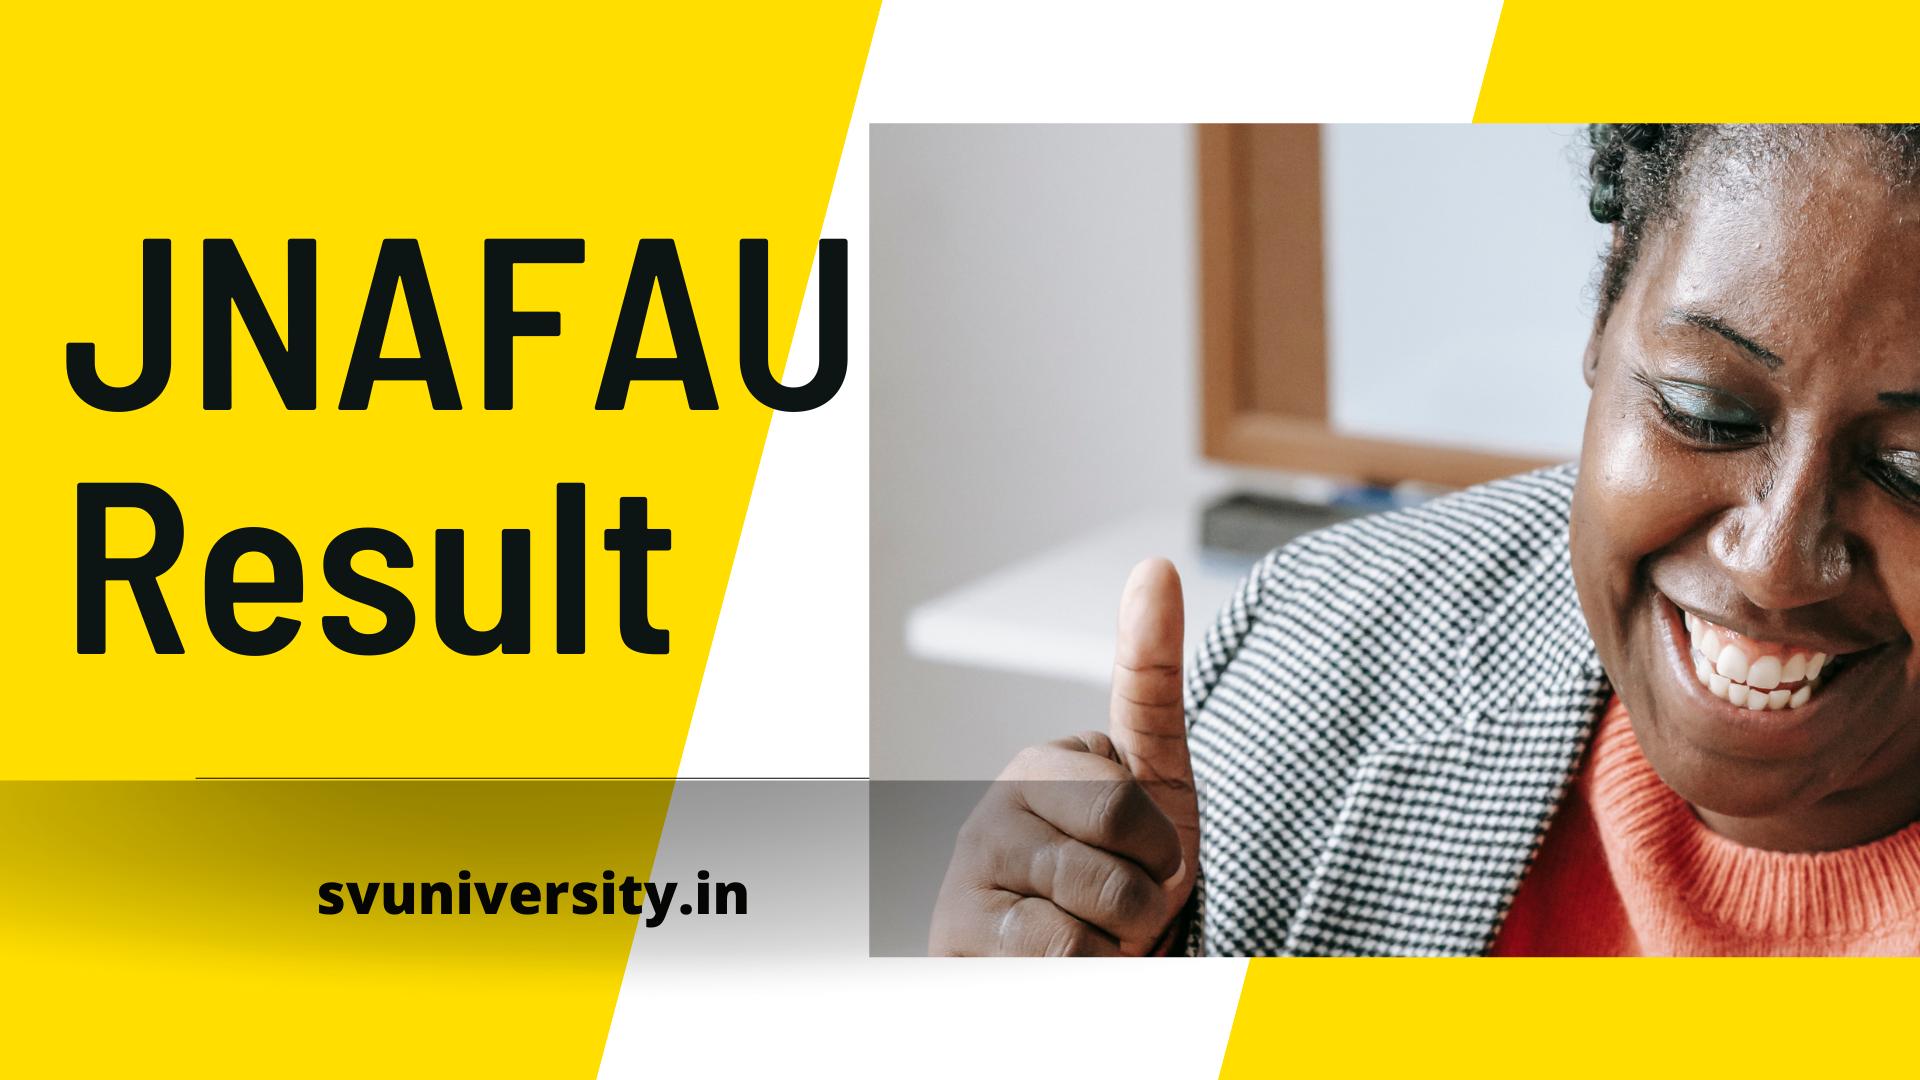 JNAFAU Result 2021 UG, PG Exam Results